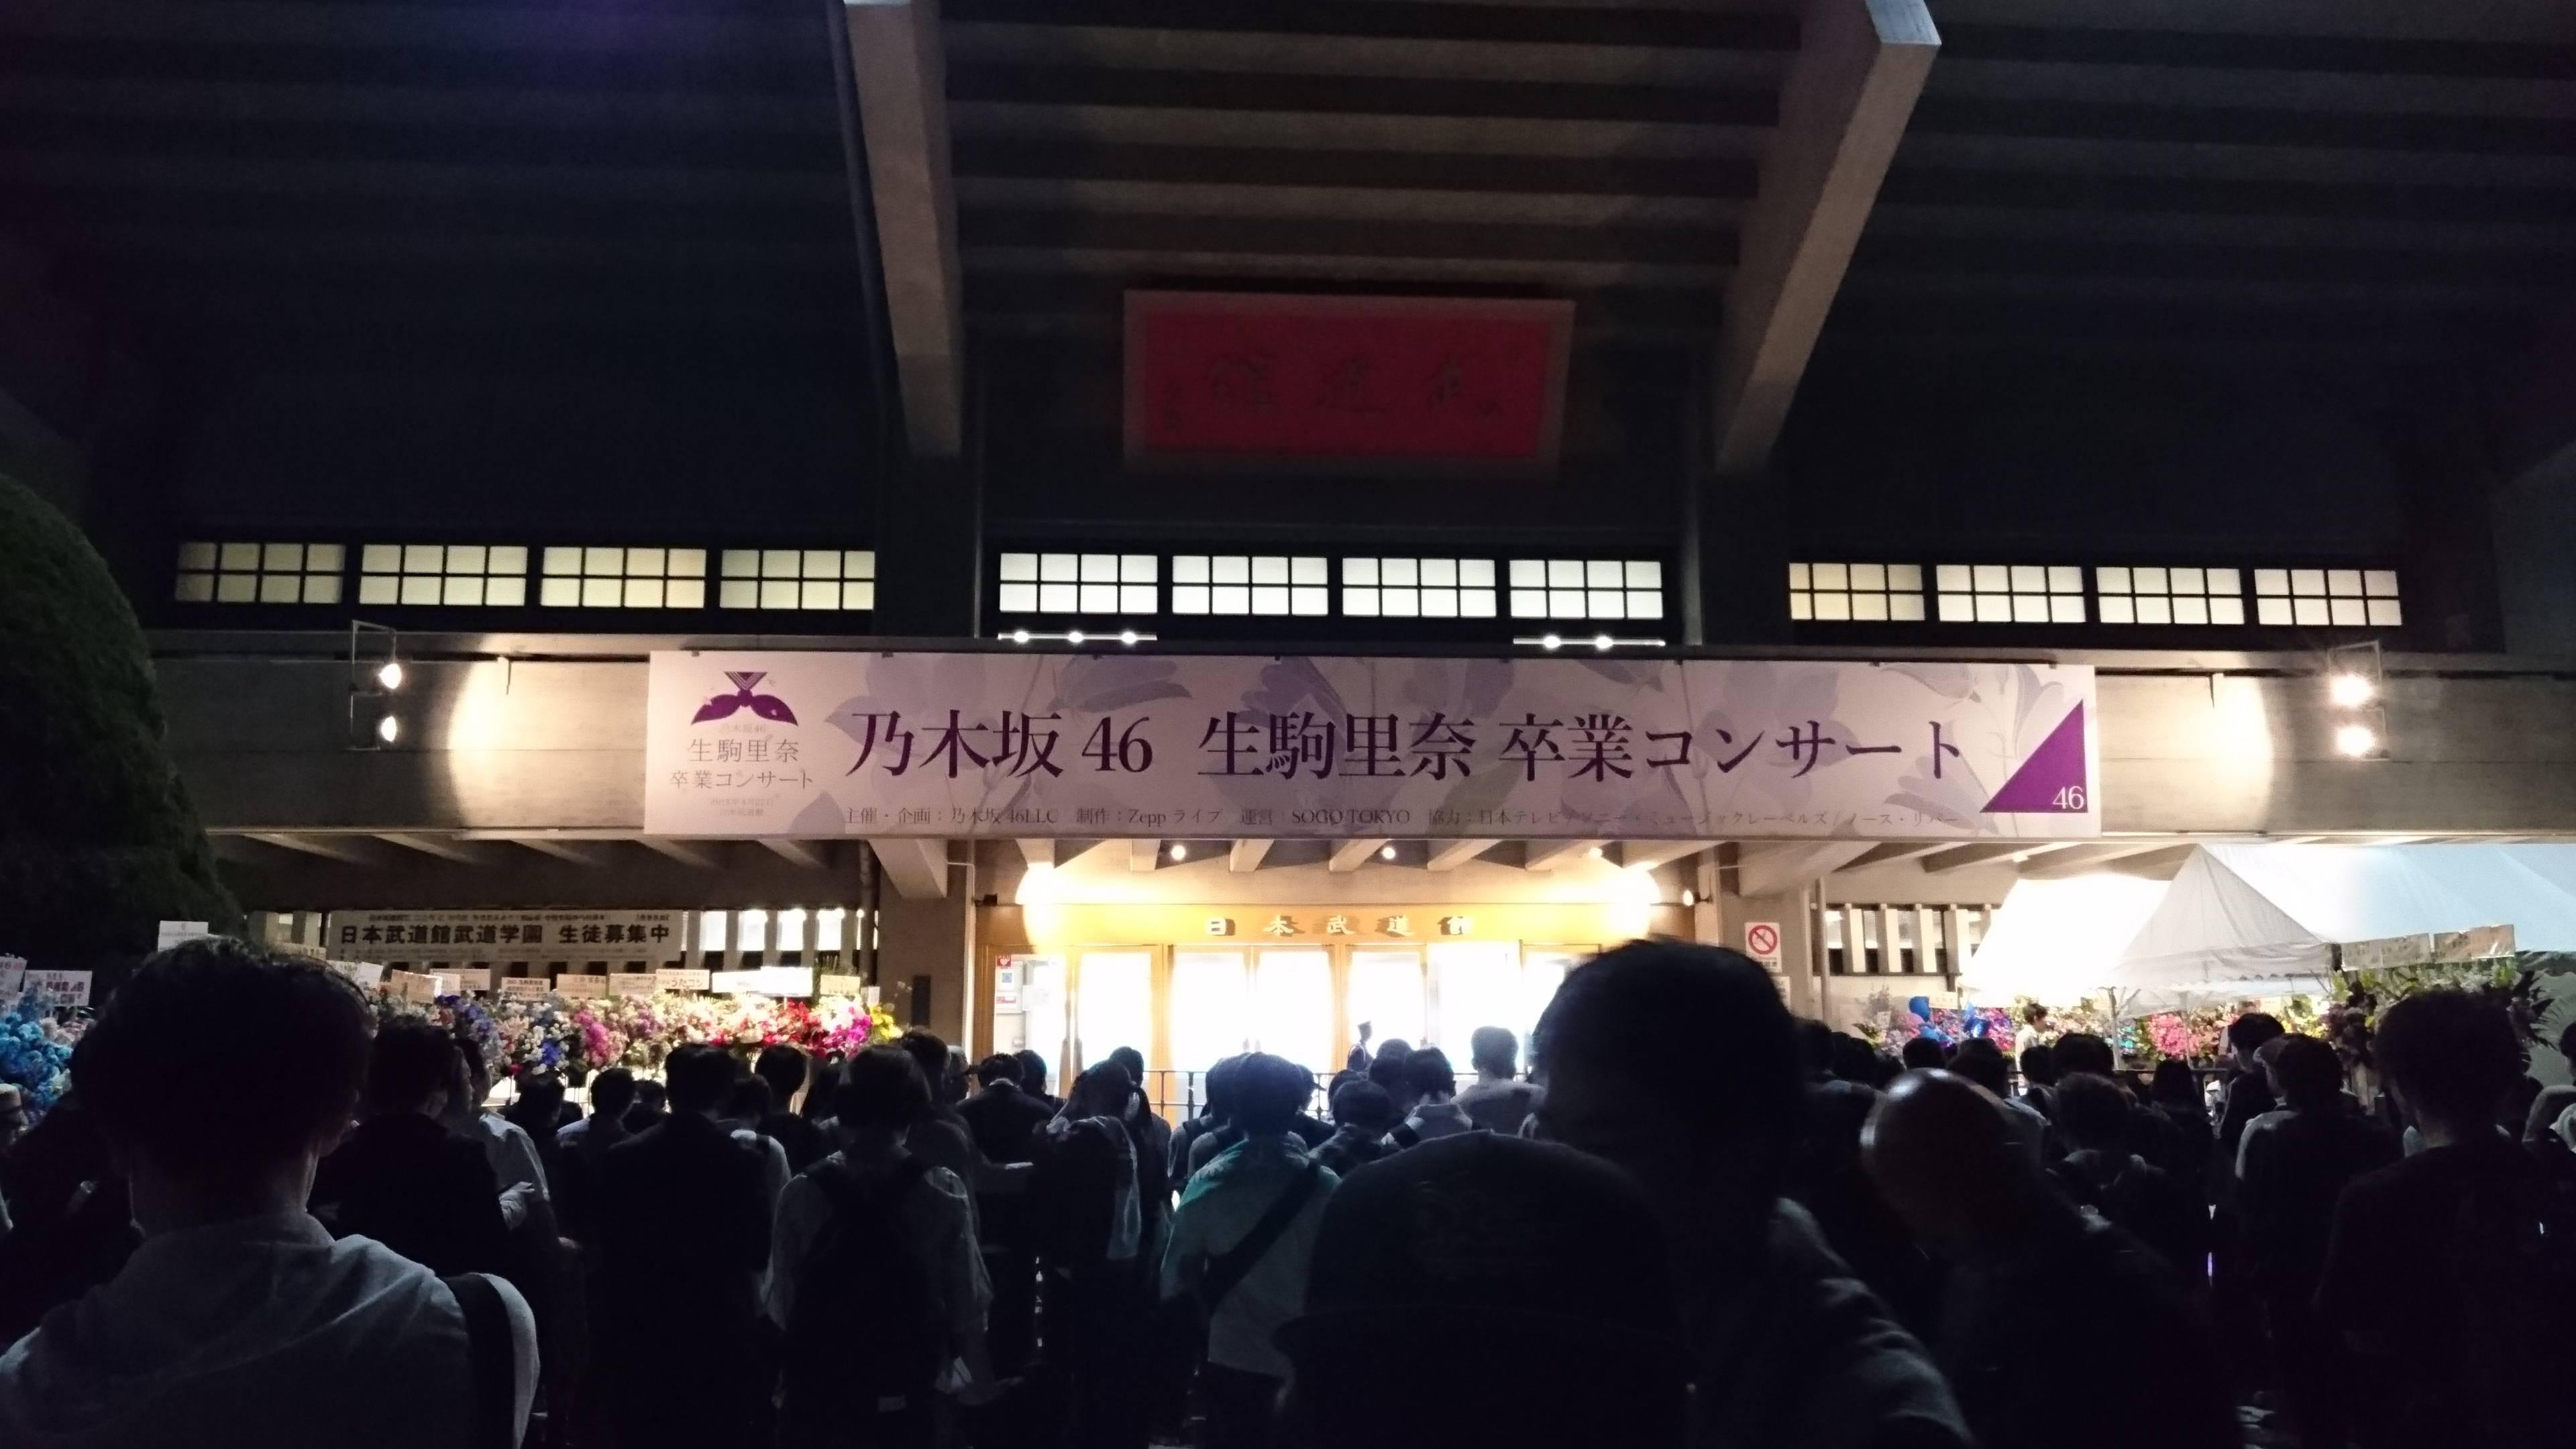 乃木坂46生駒里奈卒業コンサート